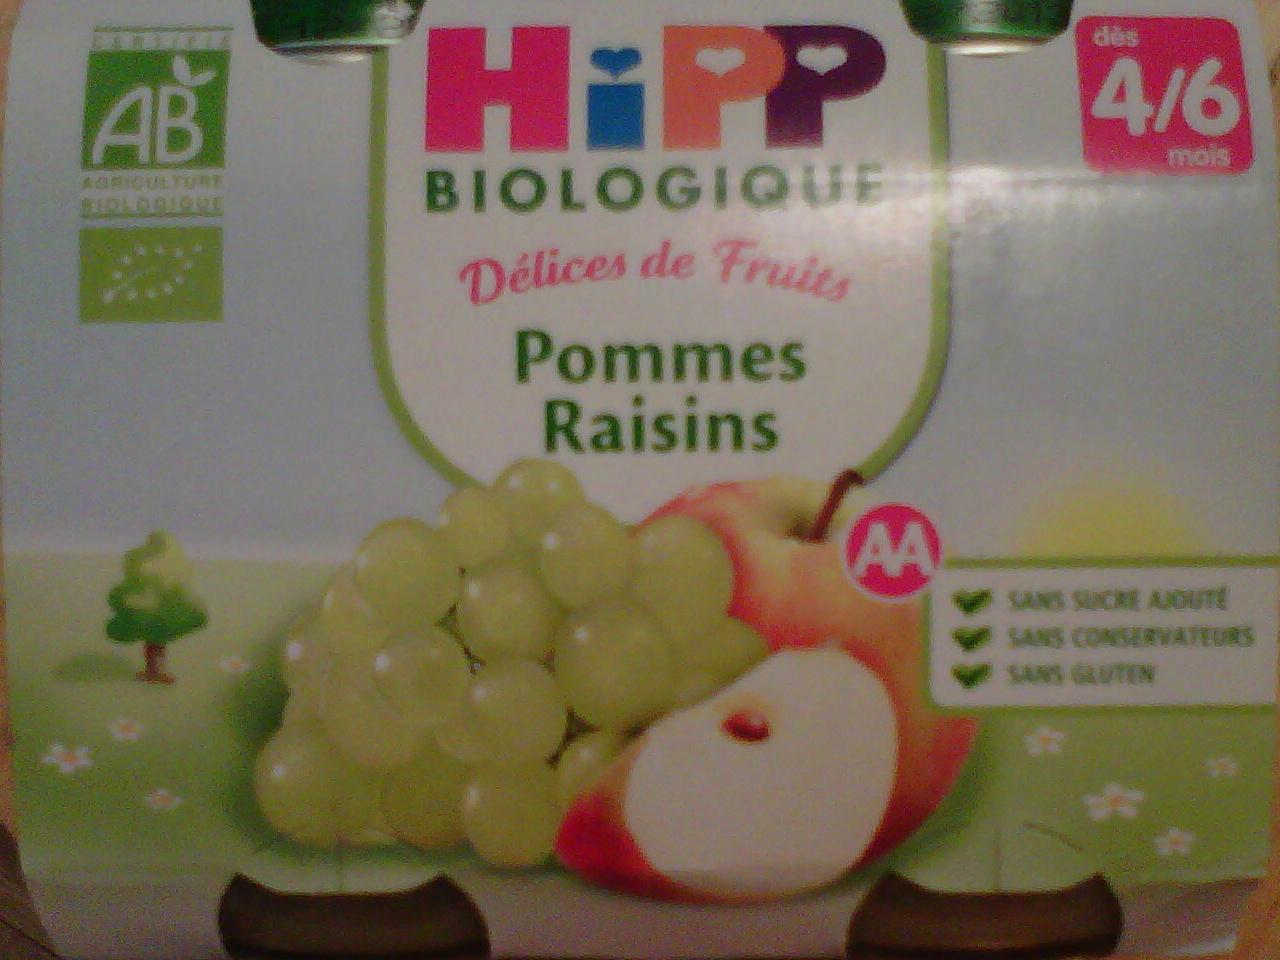 Délices de Fruits Pommes Raisins - Product - fr